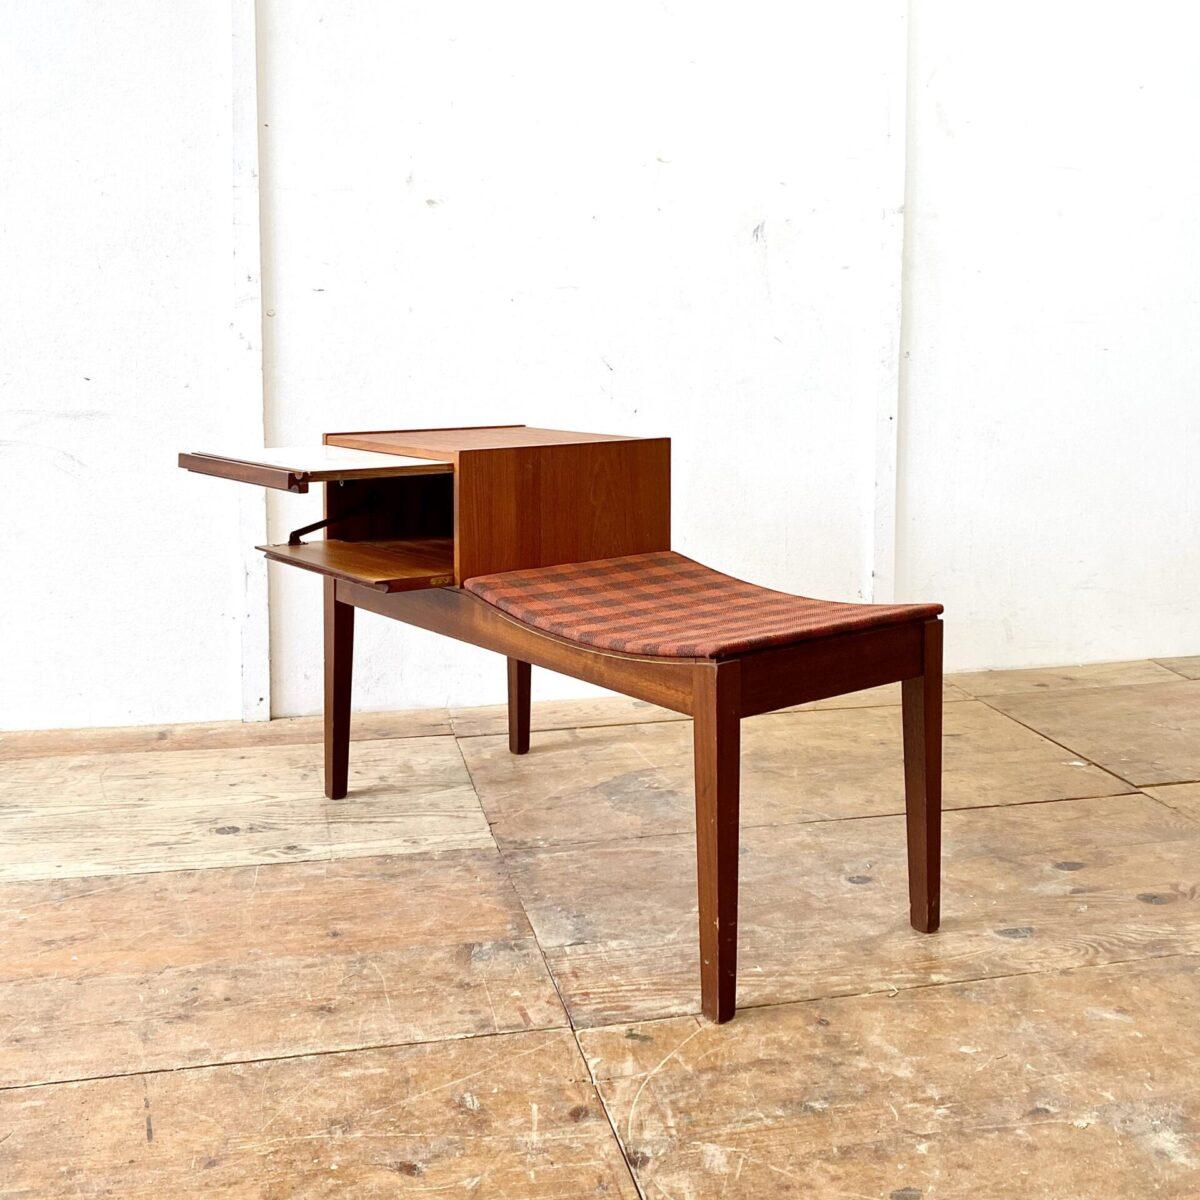 Midcentury Teak Telefontisch mit Sitzbank. Dieses kleine Sideboard hat ein Fach mit Klappe. Das Auszugtablar hat eine weisse Beschichtung um ein paar Nummern drauf zu schreiben. Die Sitzschale ist mit einem braun-orange karierten Stoff bezogen.